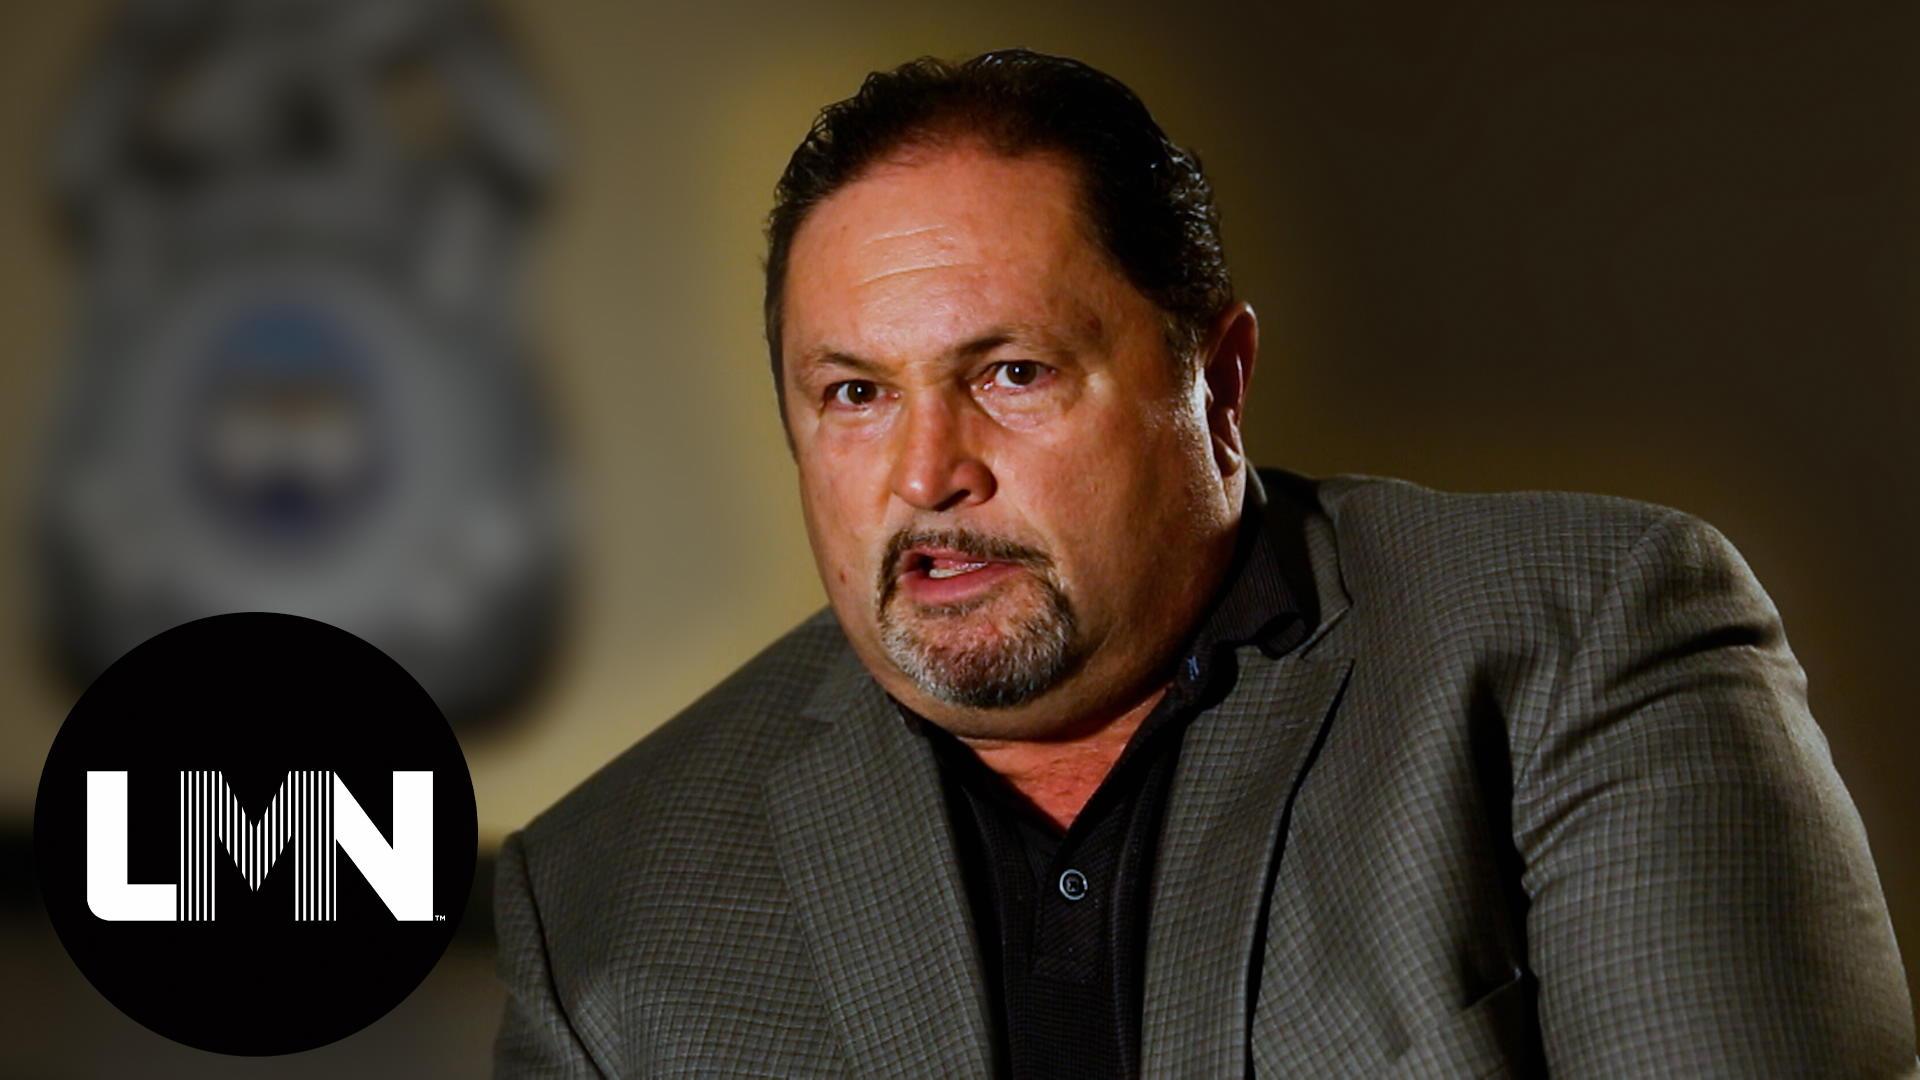 Spokane Serial Killer: Robert Lee Yates